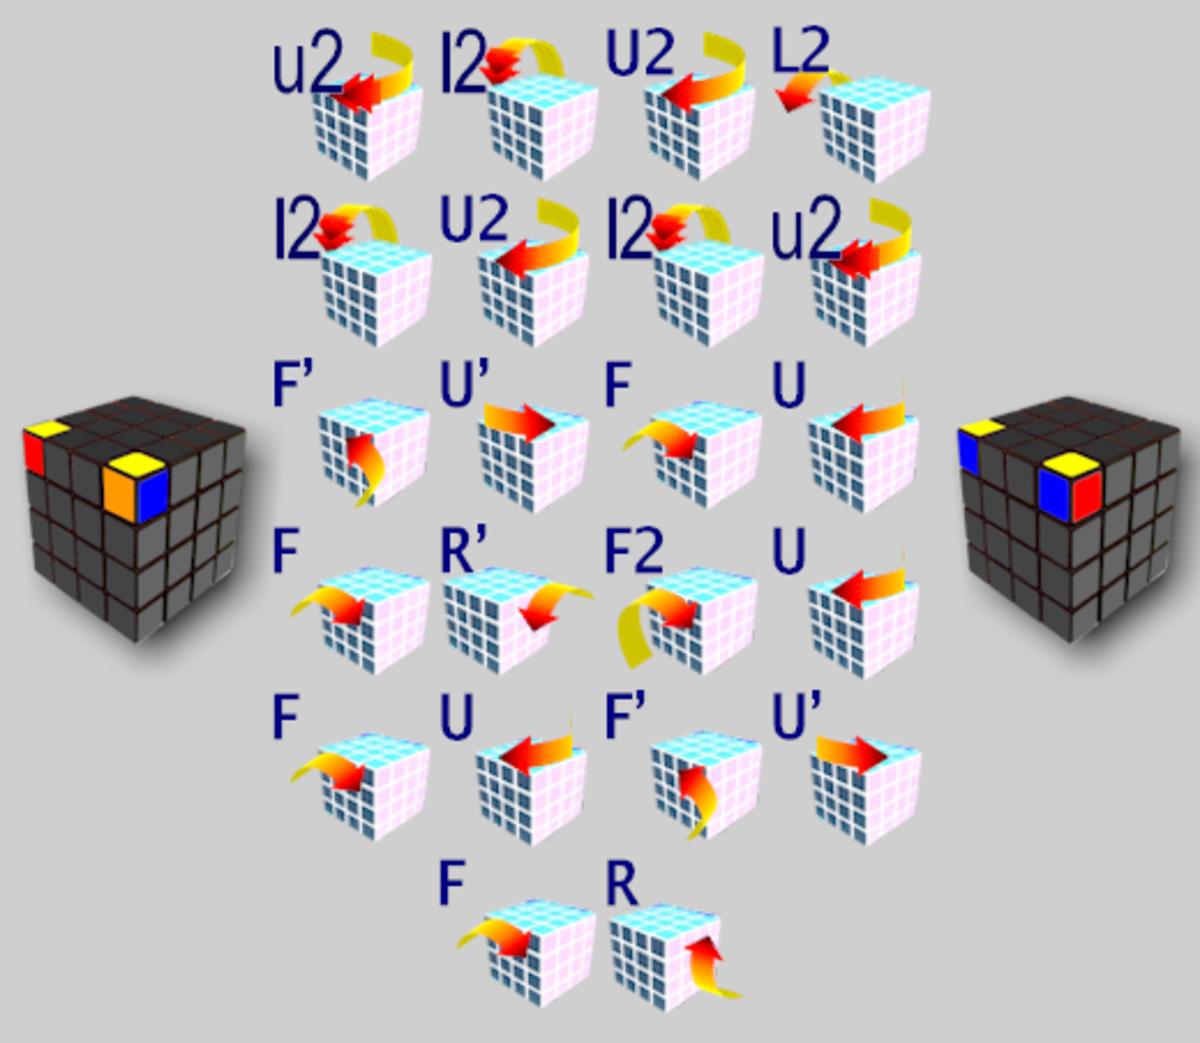 Rubiks Revenge - Pairing up the Edges | HubPages